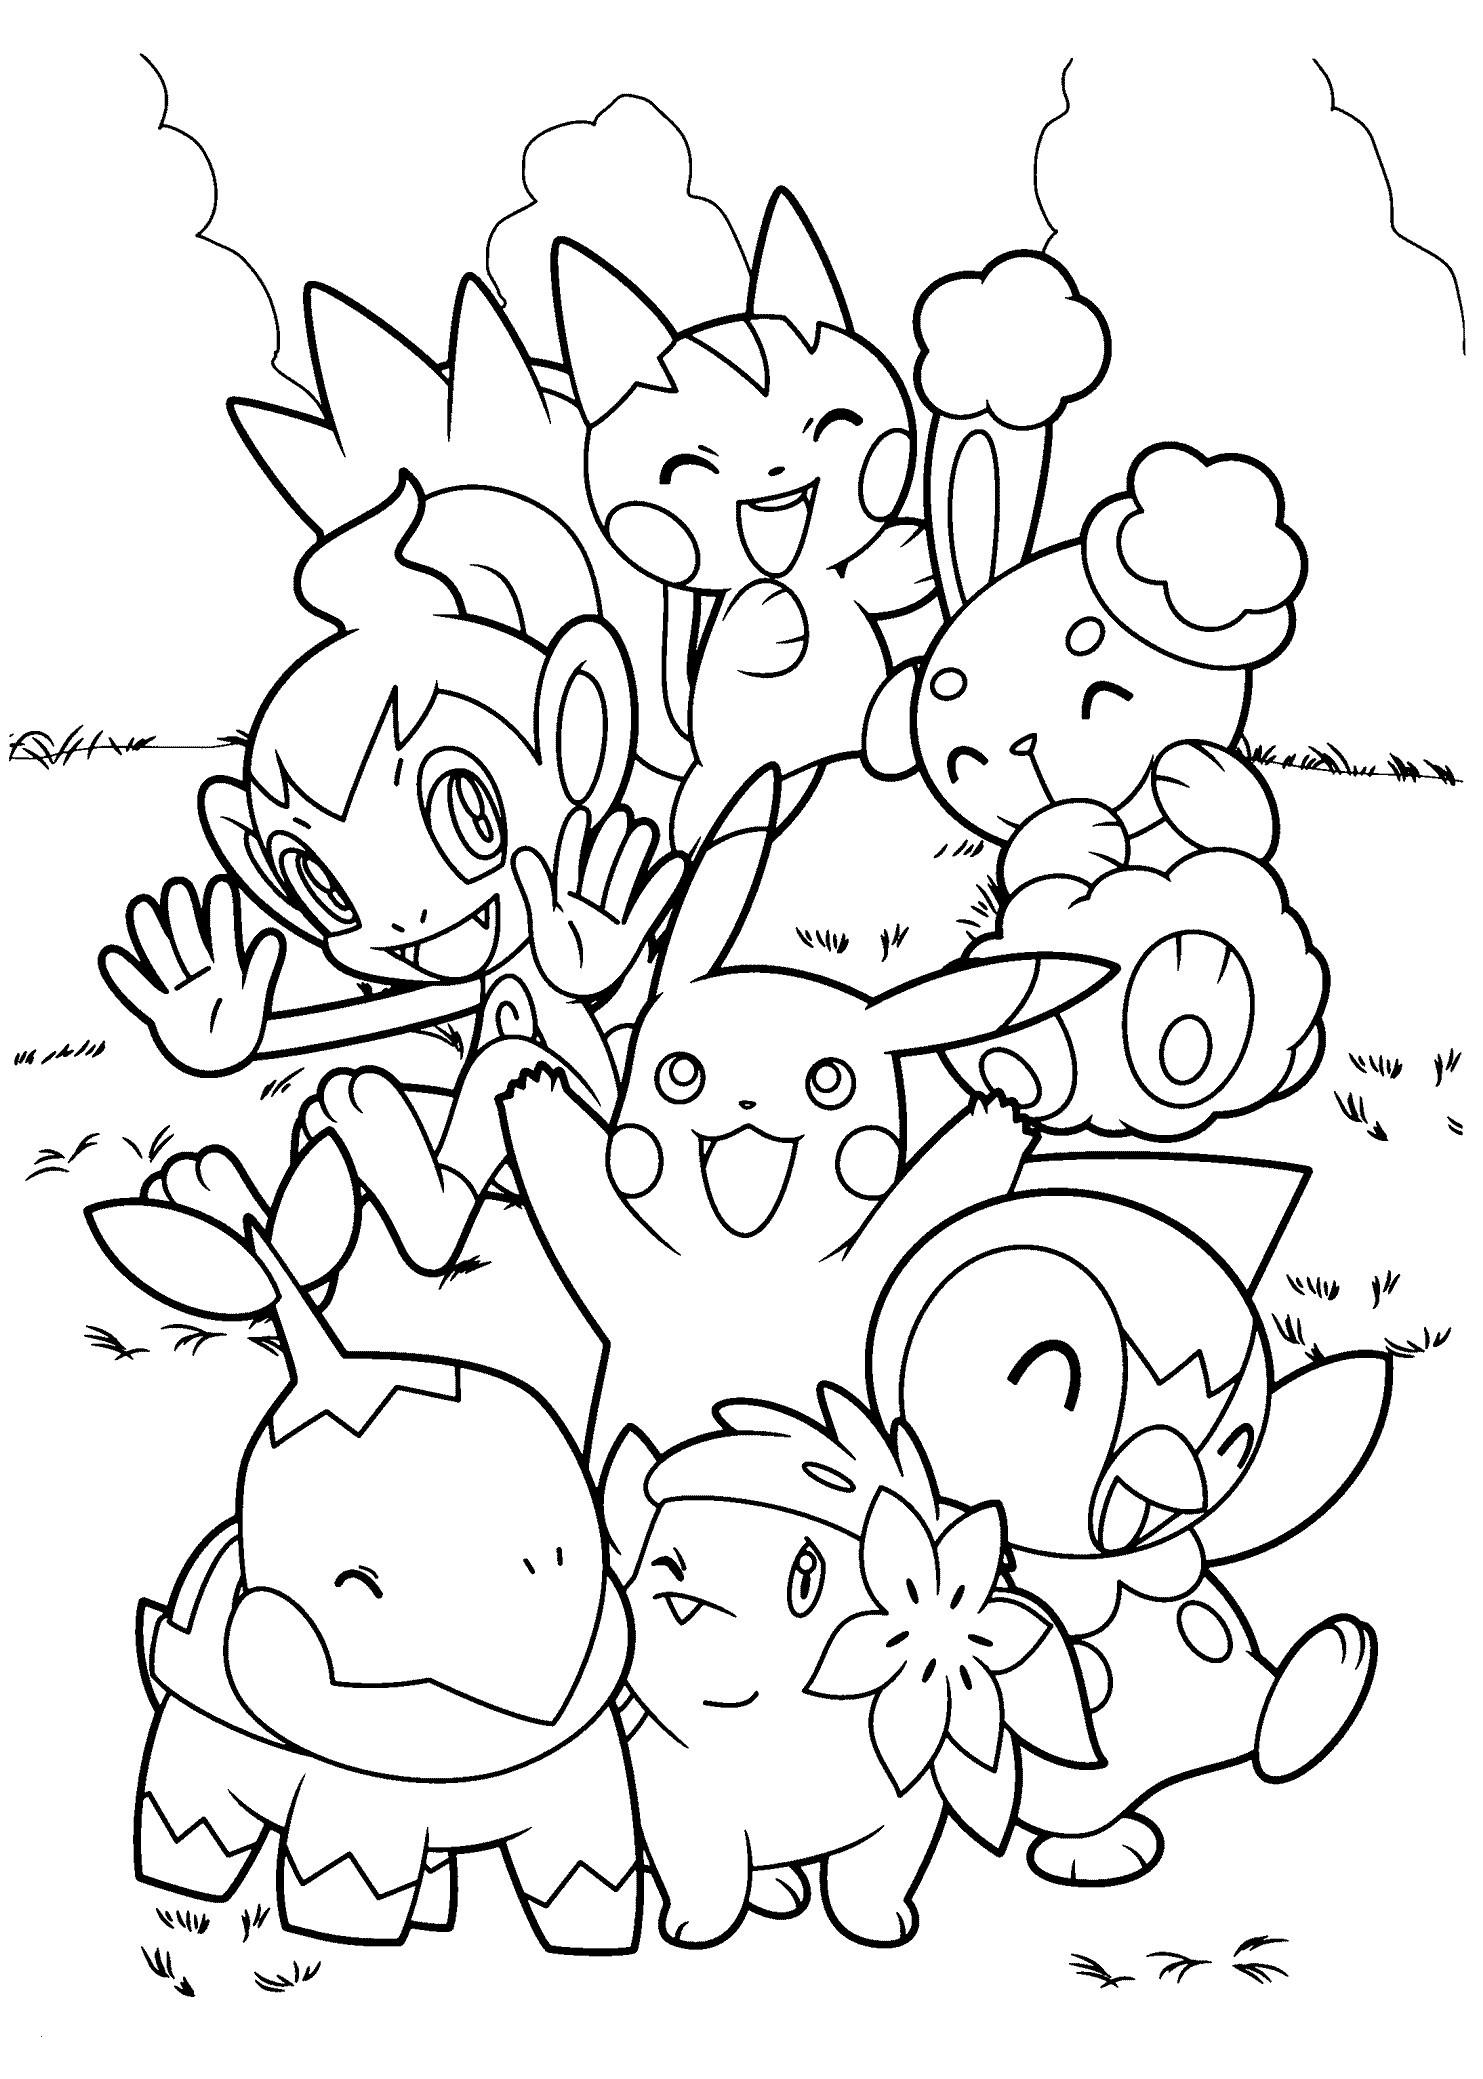 Ausmalbilder Ich Einfach Unverbesserlich Frisch top 75 Free Printable Pokemon Coloring Pages Line Schön Ich Einfach Bild